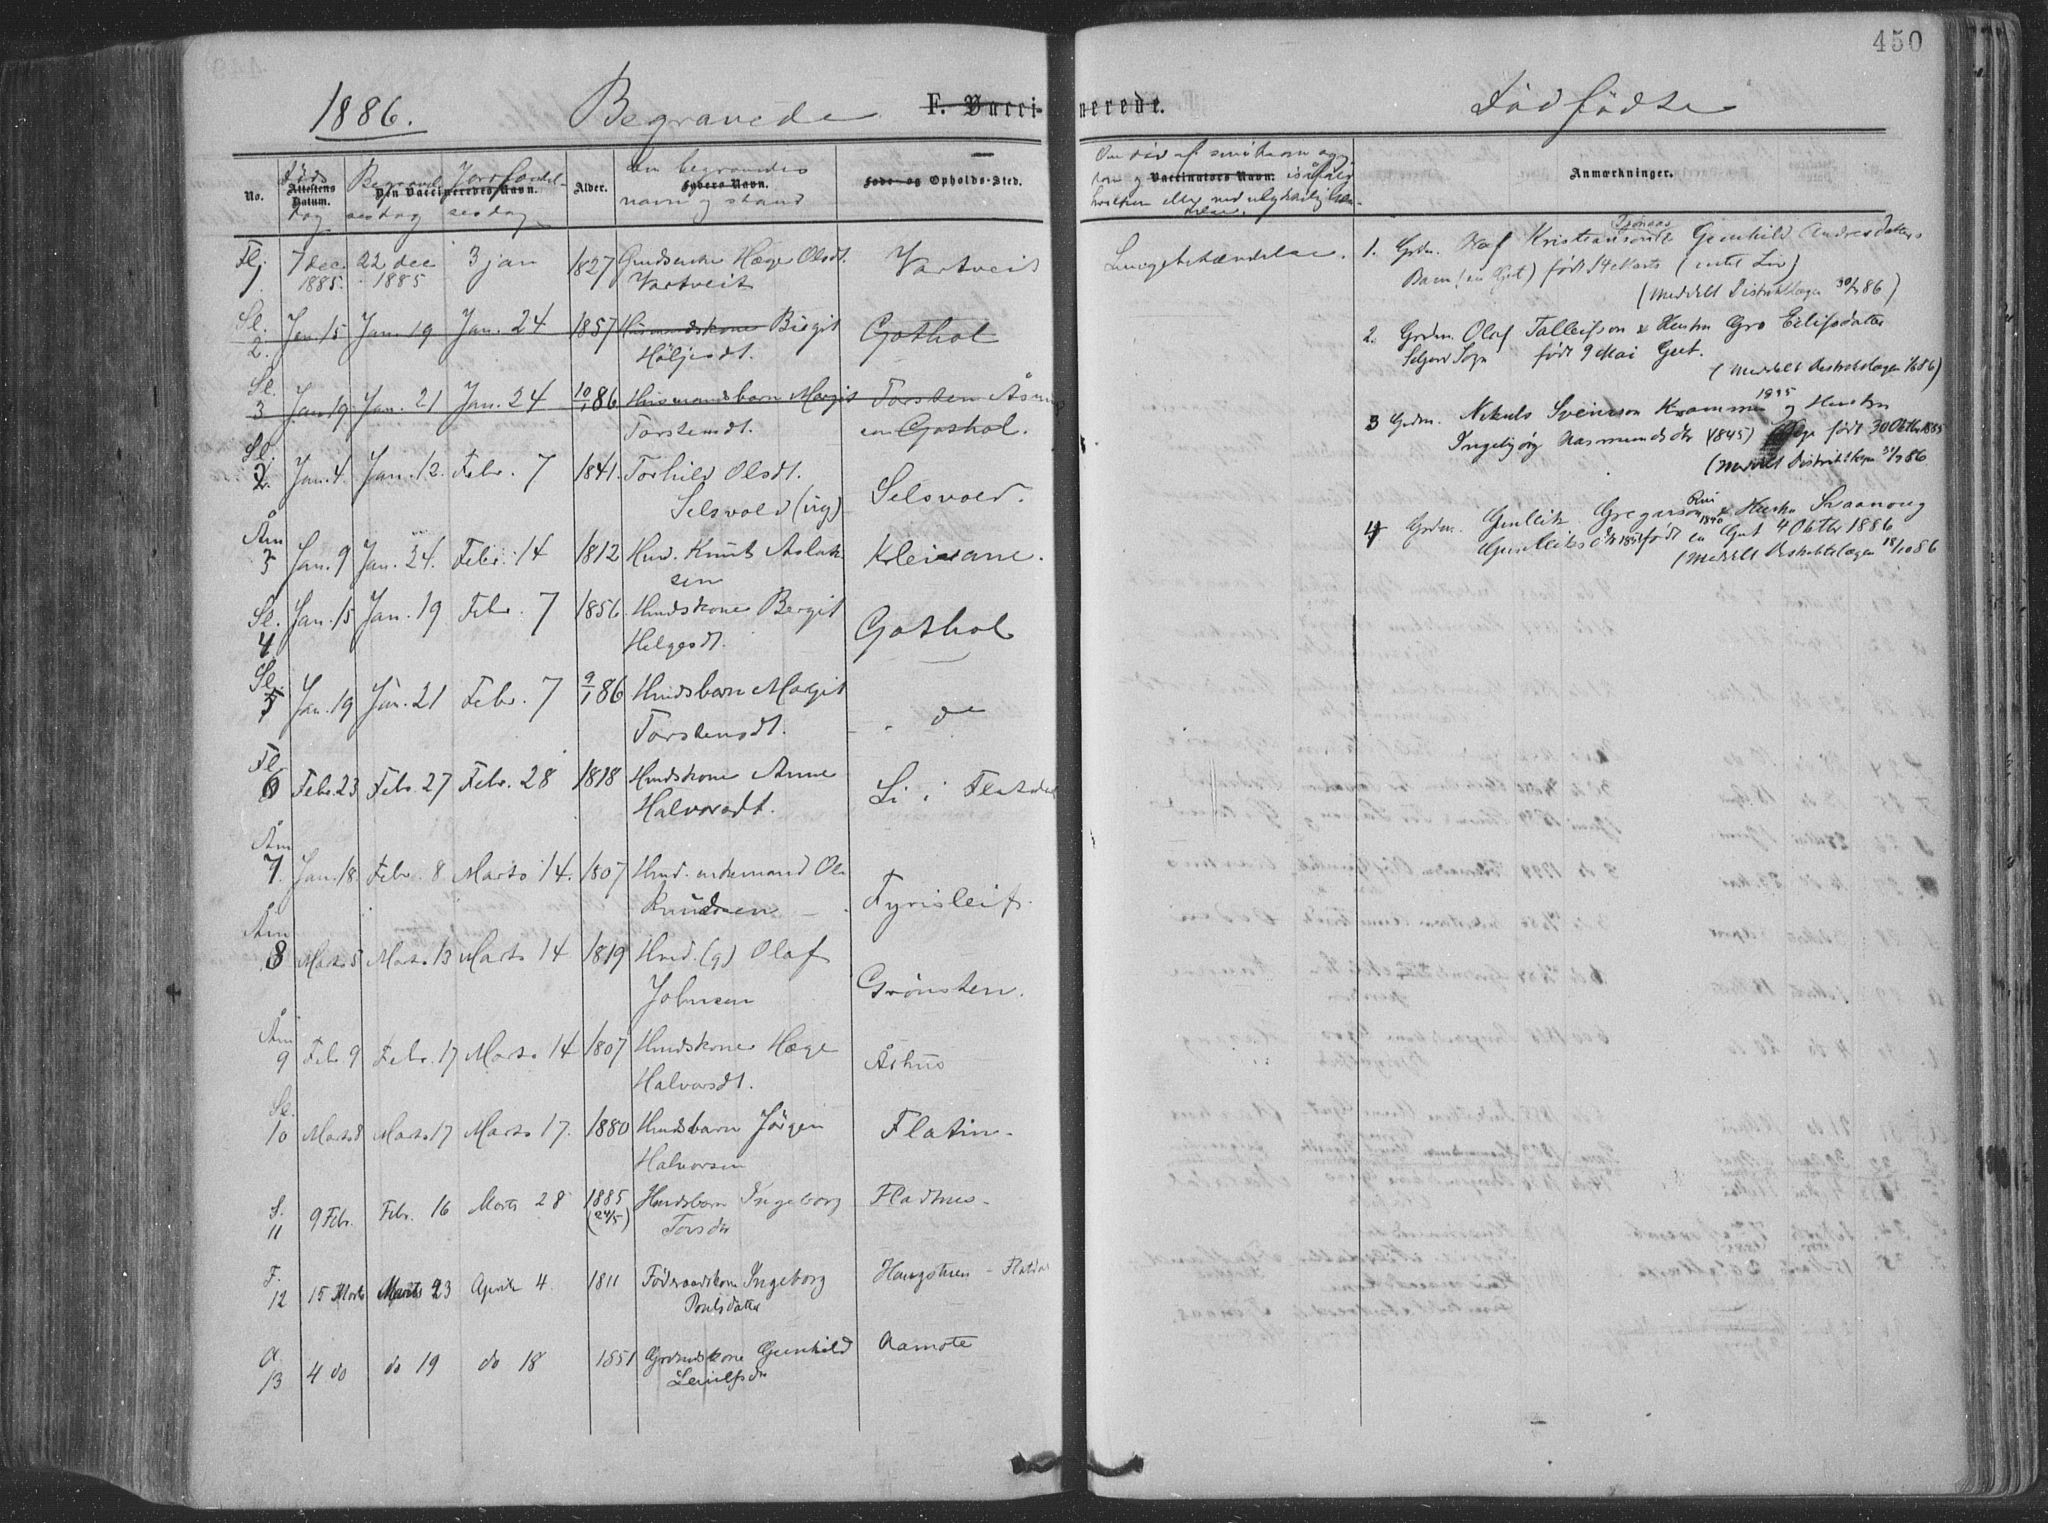 SAKO, Seljord kirkebøker, F/Fa/L0014: Ministerialbok nr. I 14, 1877-1886, s. 450